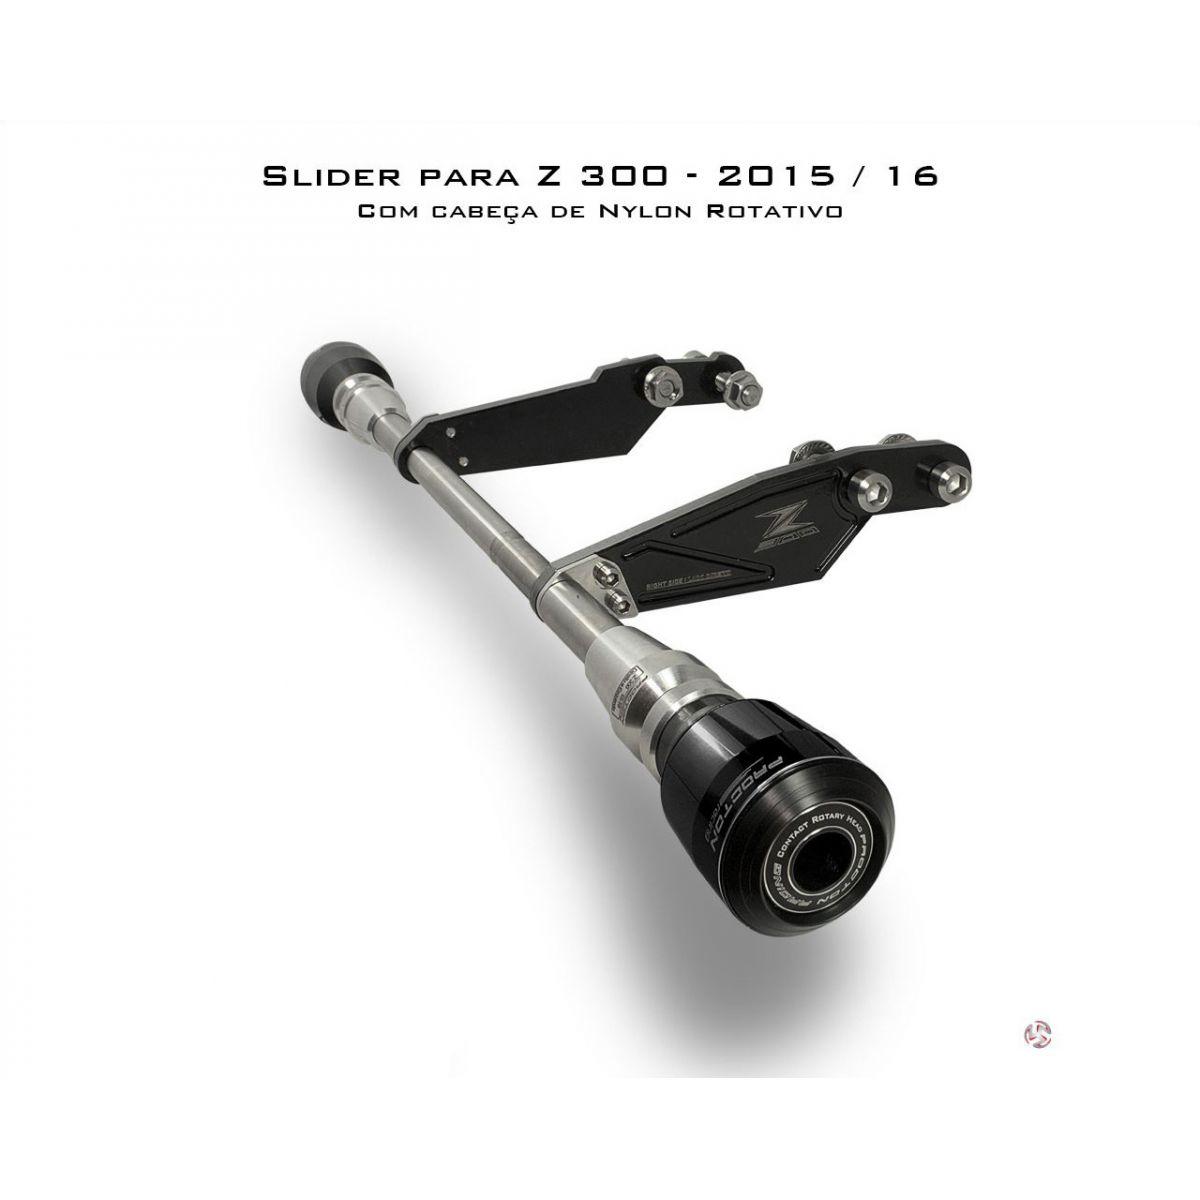 Slider Dianteiro Procton com Amortecimento p/ Z300 - 15/16  - Nova Suzuki Motos e Acessórios